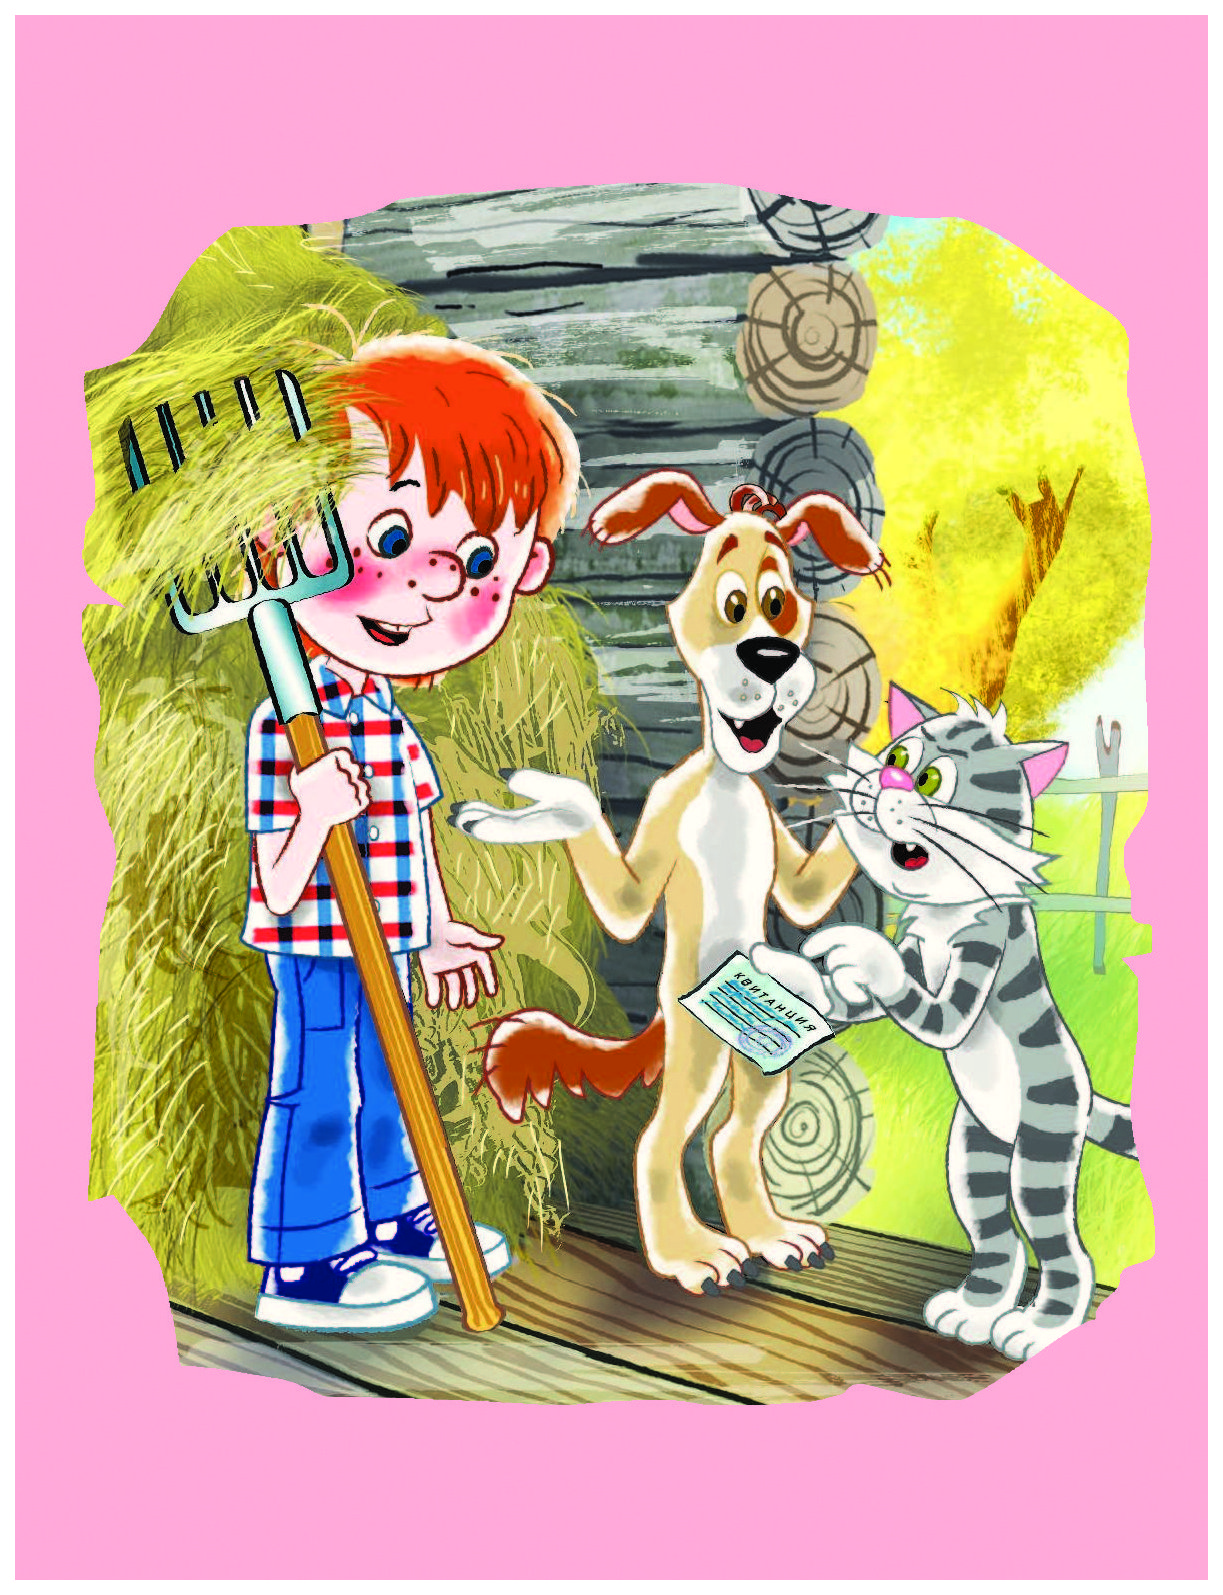 отделаться ощущения, успенский э дядя федор пес и кот картинки нужна колючая проволка